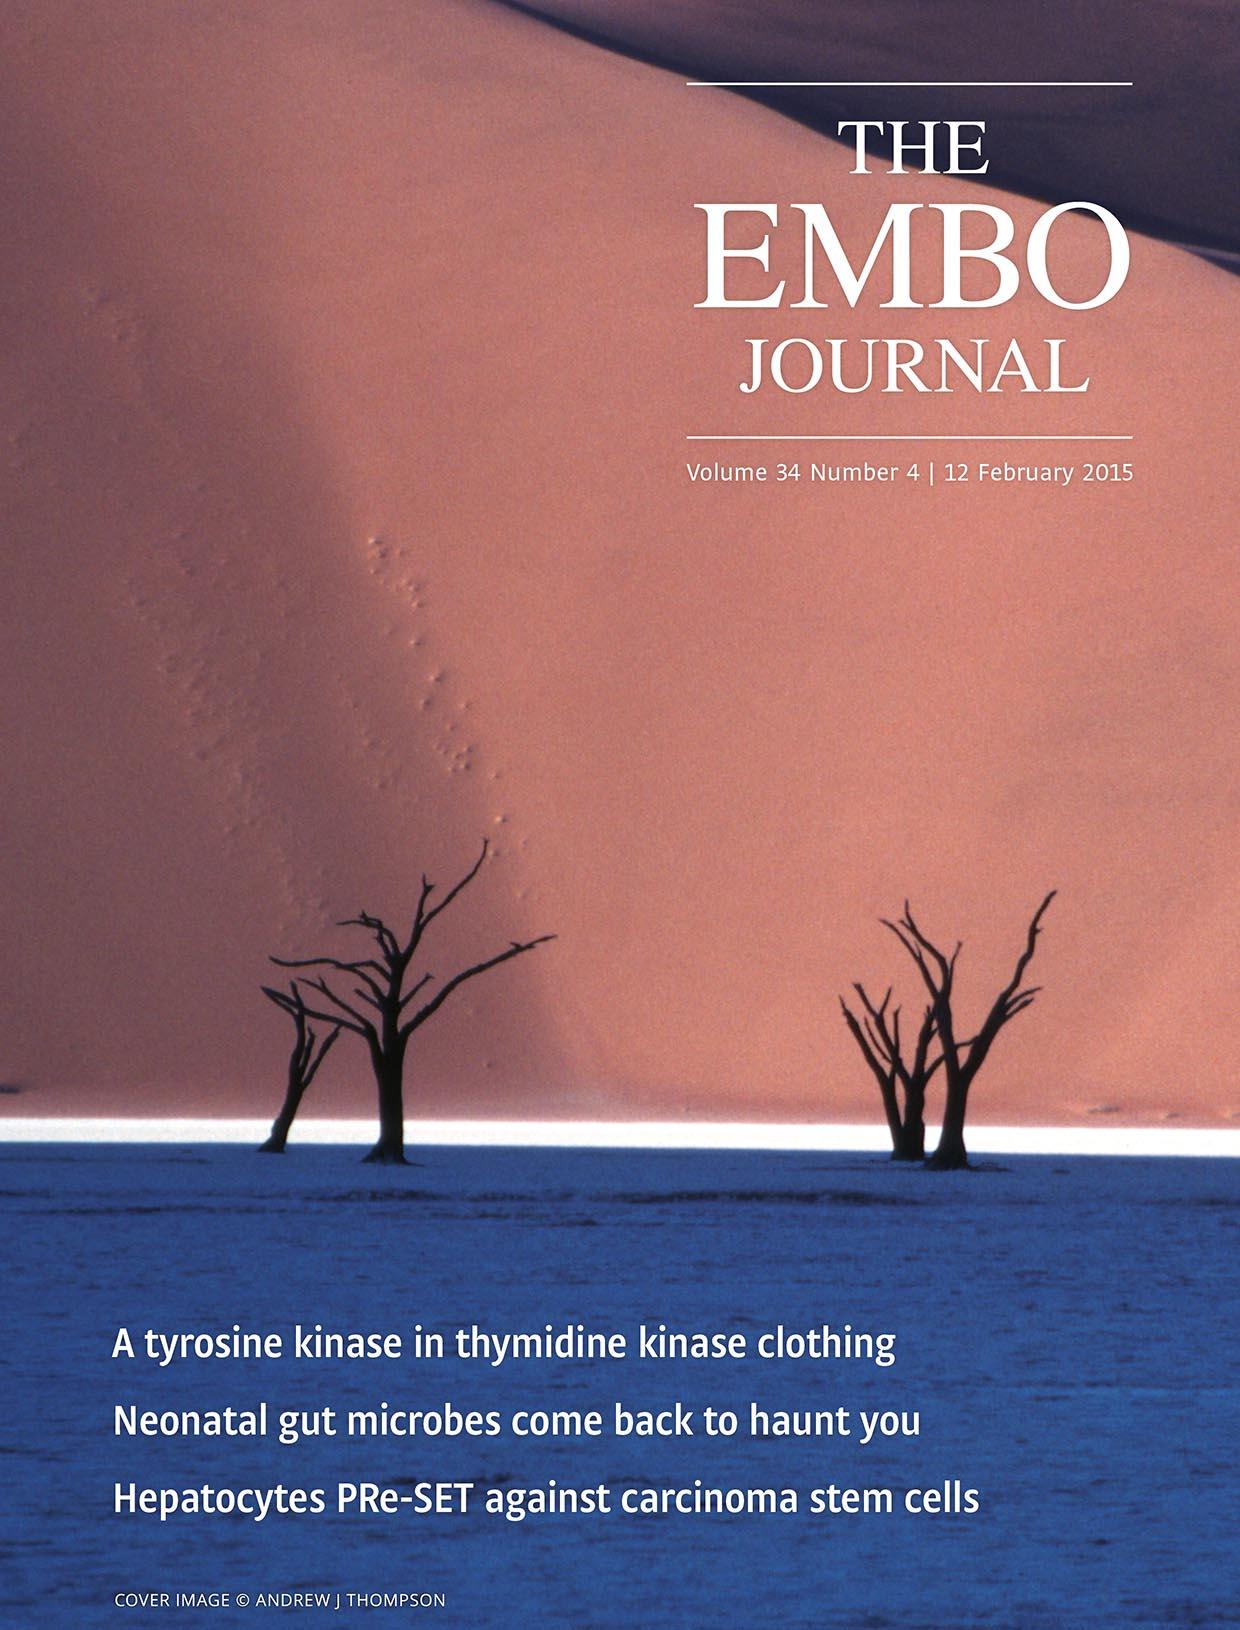 EMBO Cover.jpg